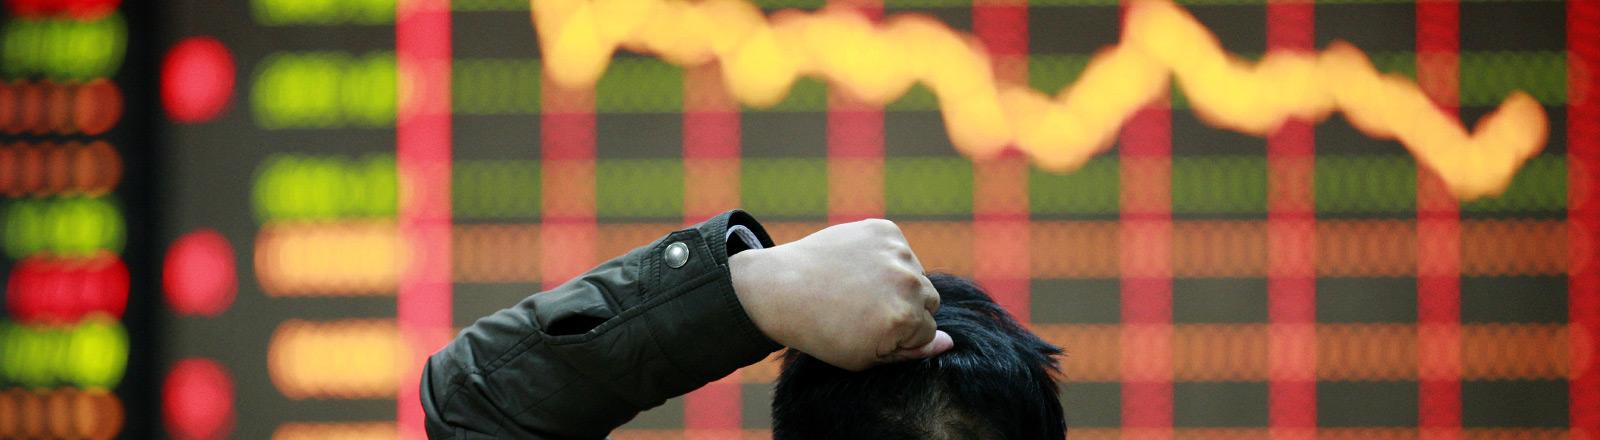 Ein Anleger beobachtet den sinkenden Börsenkurs an einer Anzeigetafel.